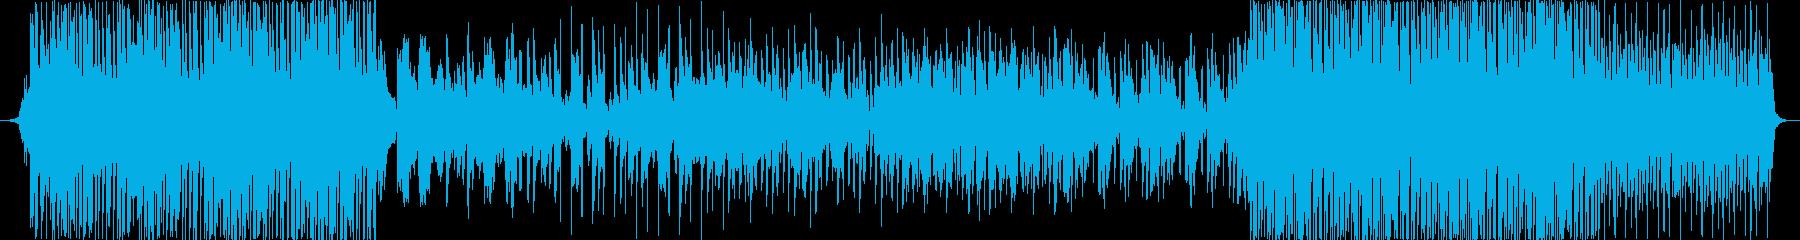 フルートと和楽器のトロピカルハウス風楽曲の再生済みの波形